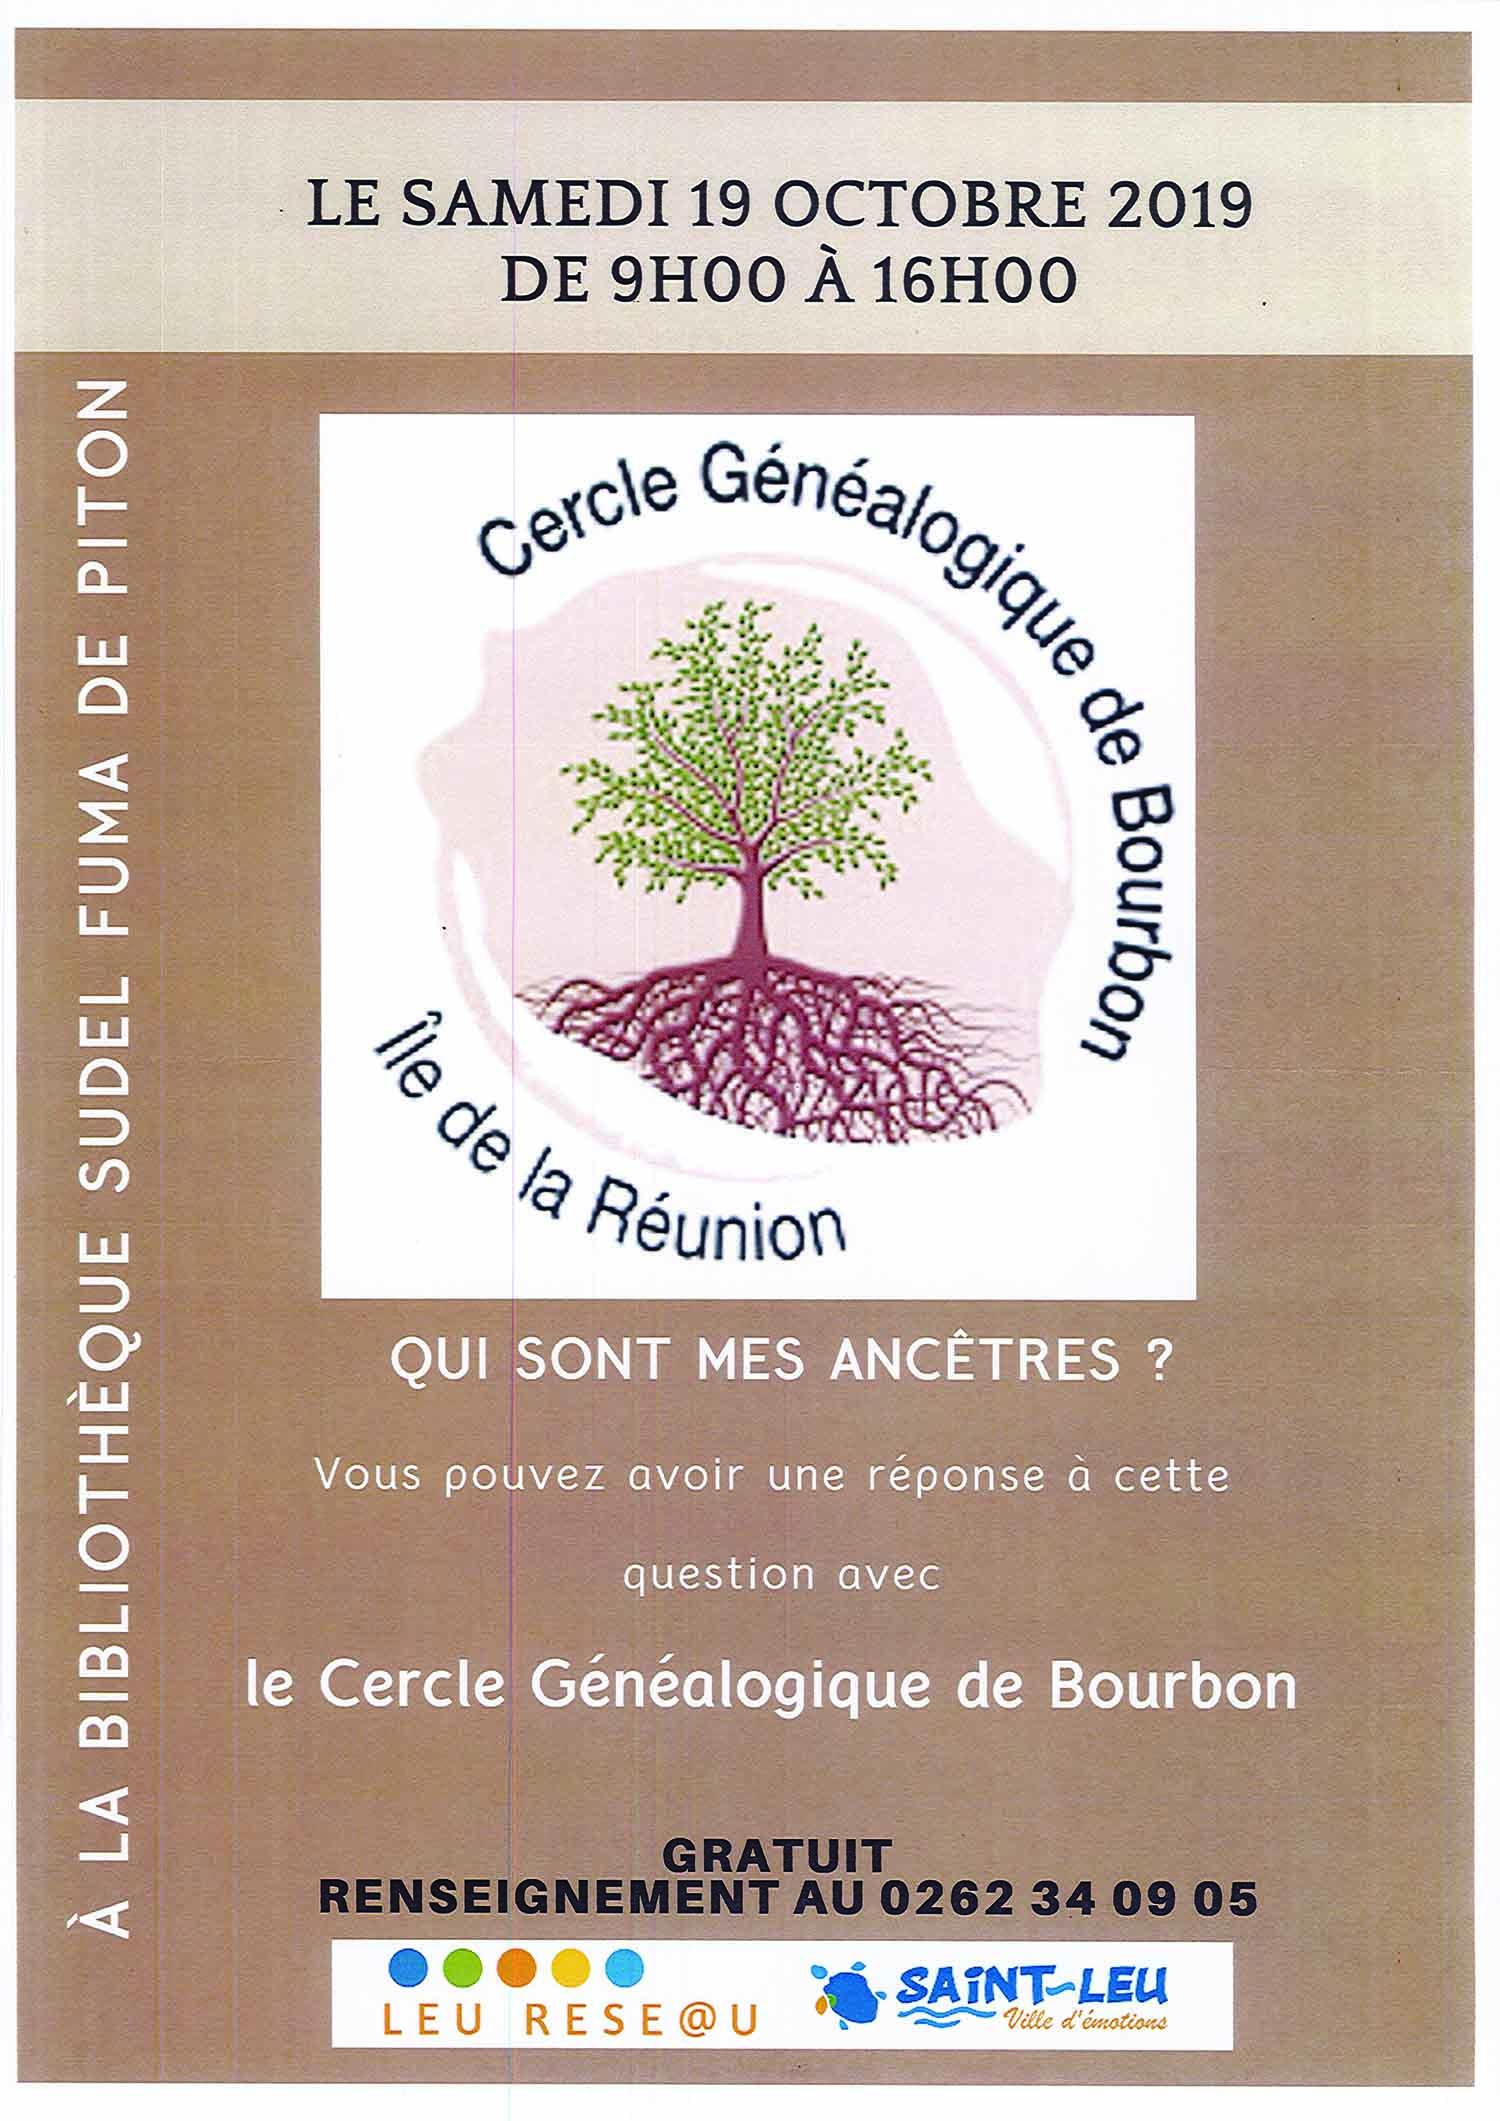 ATELIER GENEALOGIESaint-Leu, agenda, Les communes bougent, Office de Tourisme, Ouest, La Réunion, Ile de La Réunion, 974